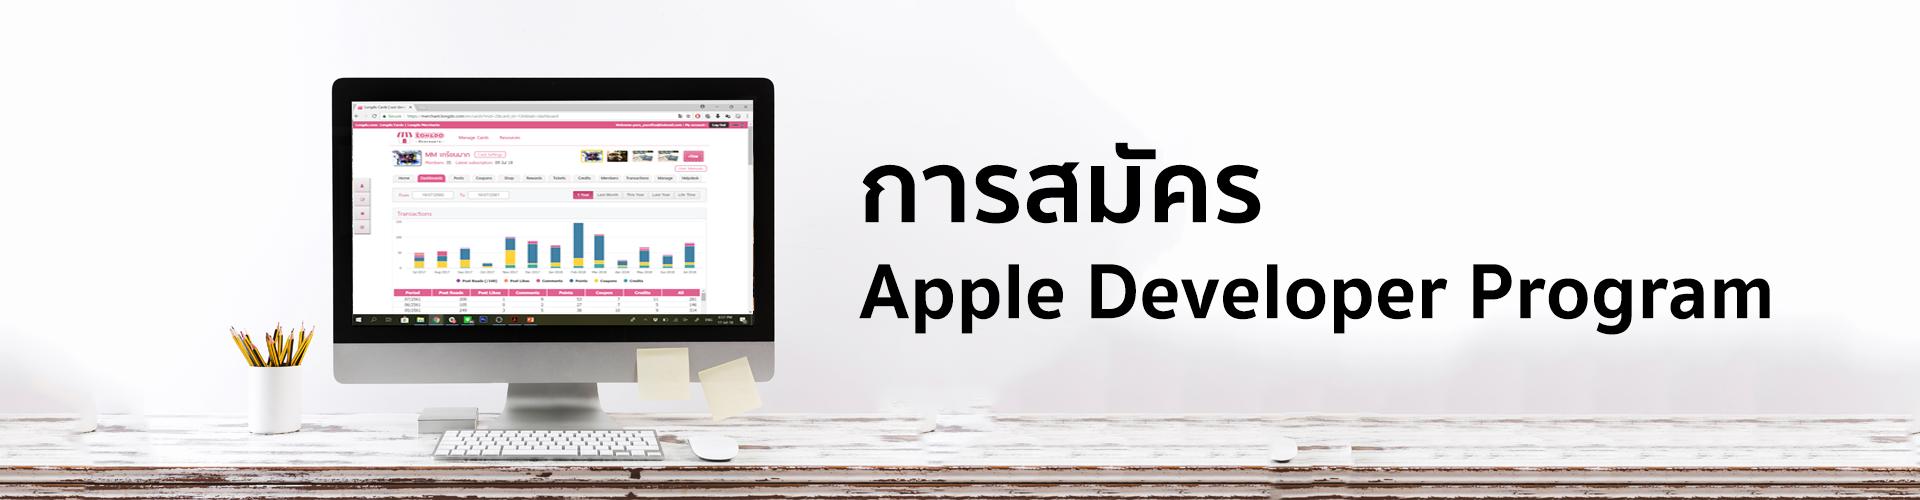 วิธีการสมัคร Apple Developer Program